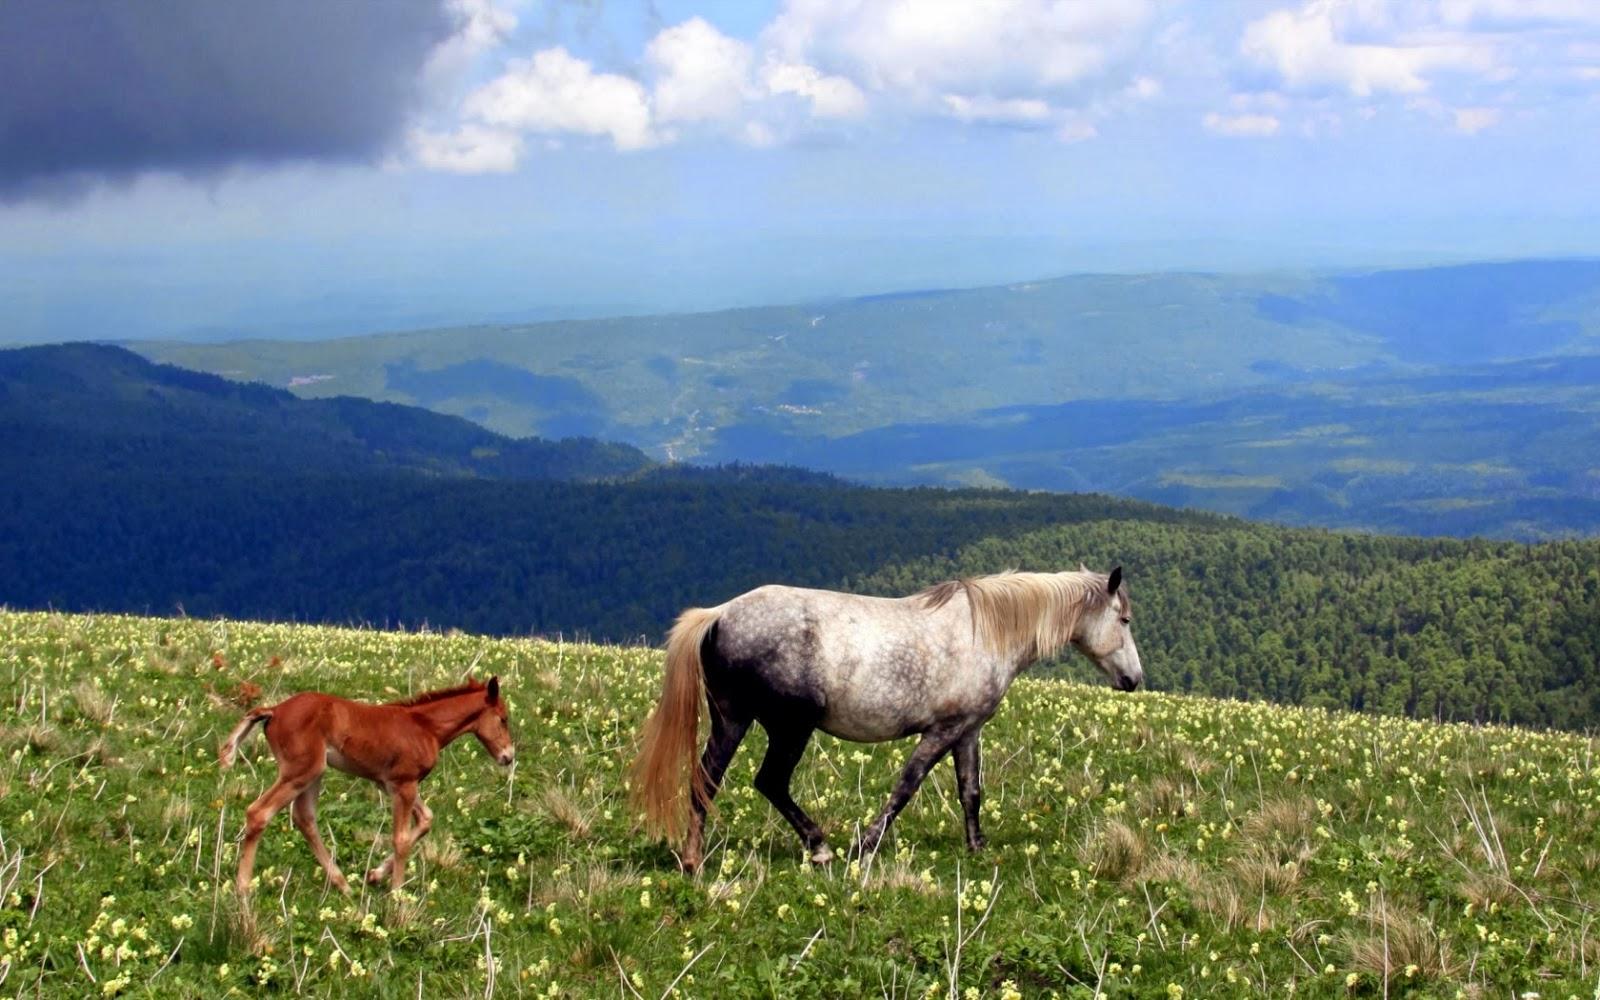 Imagen de bellos caballos en la naturaleza